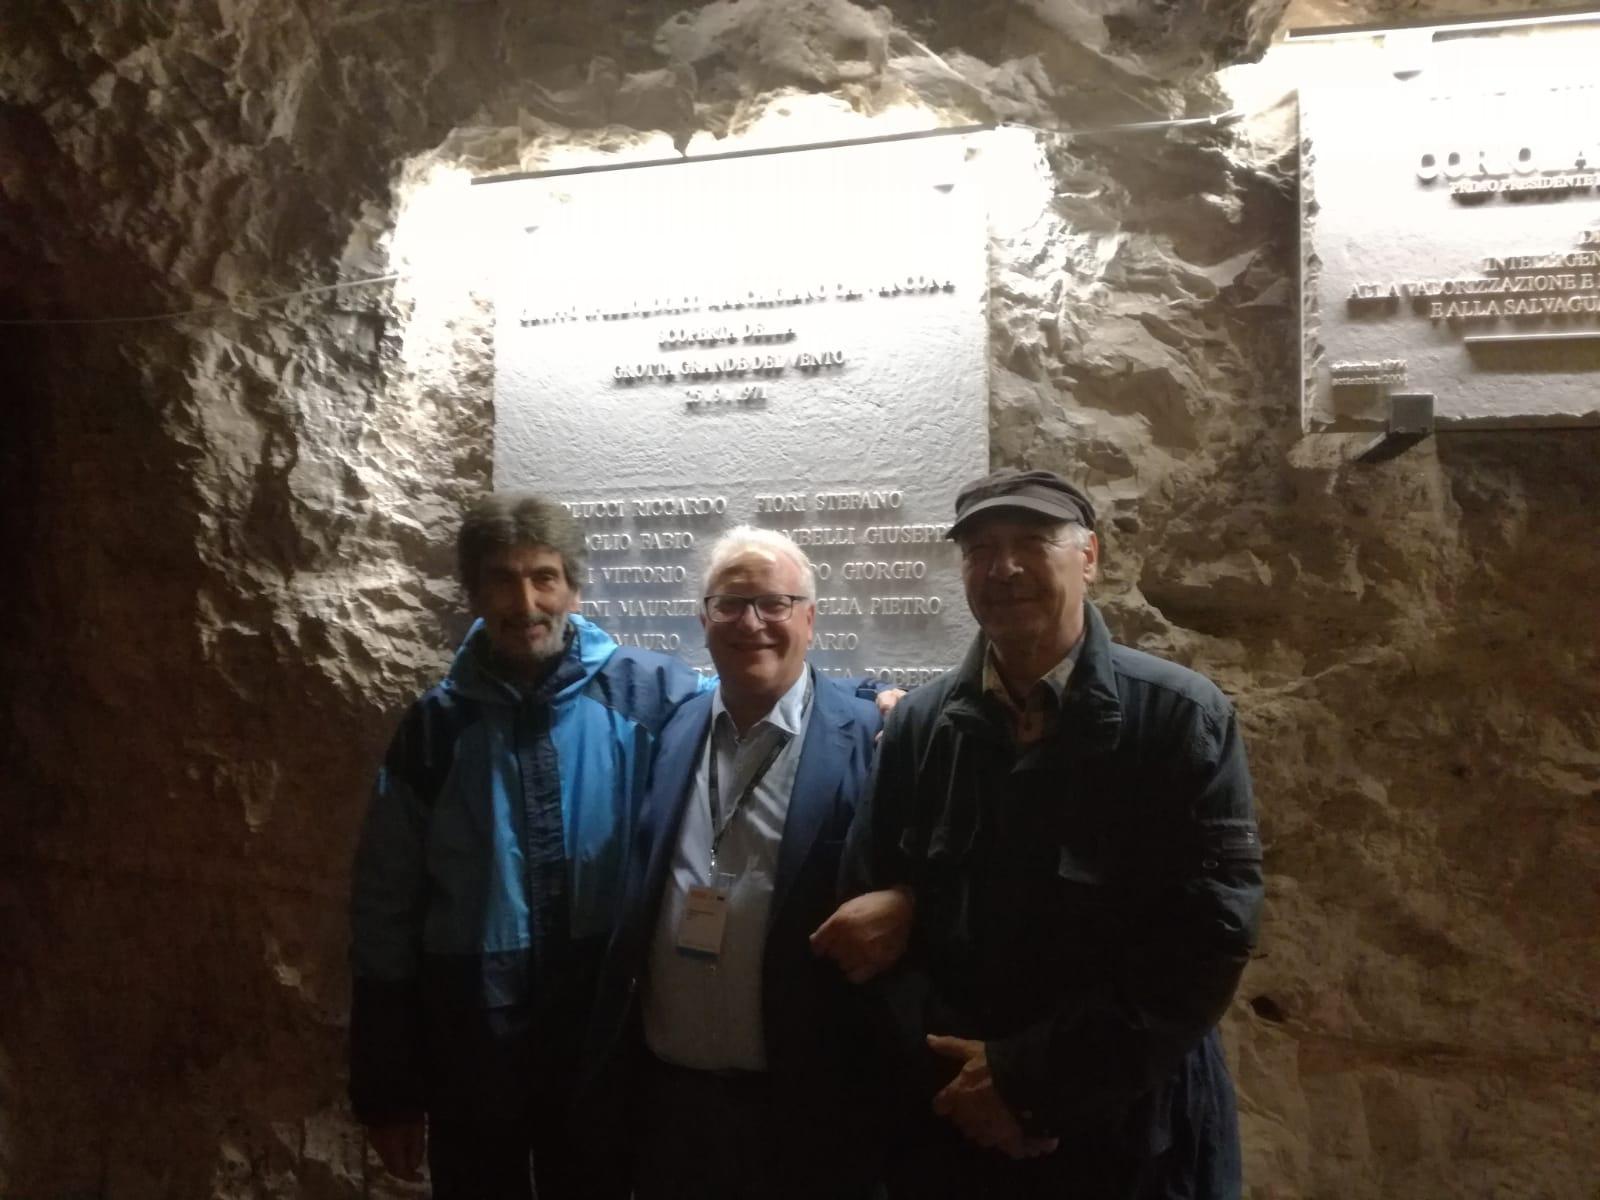 Al congresso internazionale delle Grotte, spiccano Pertosa e Auletta